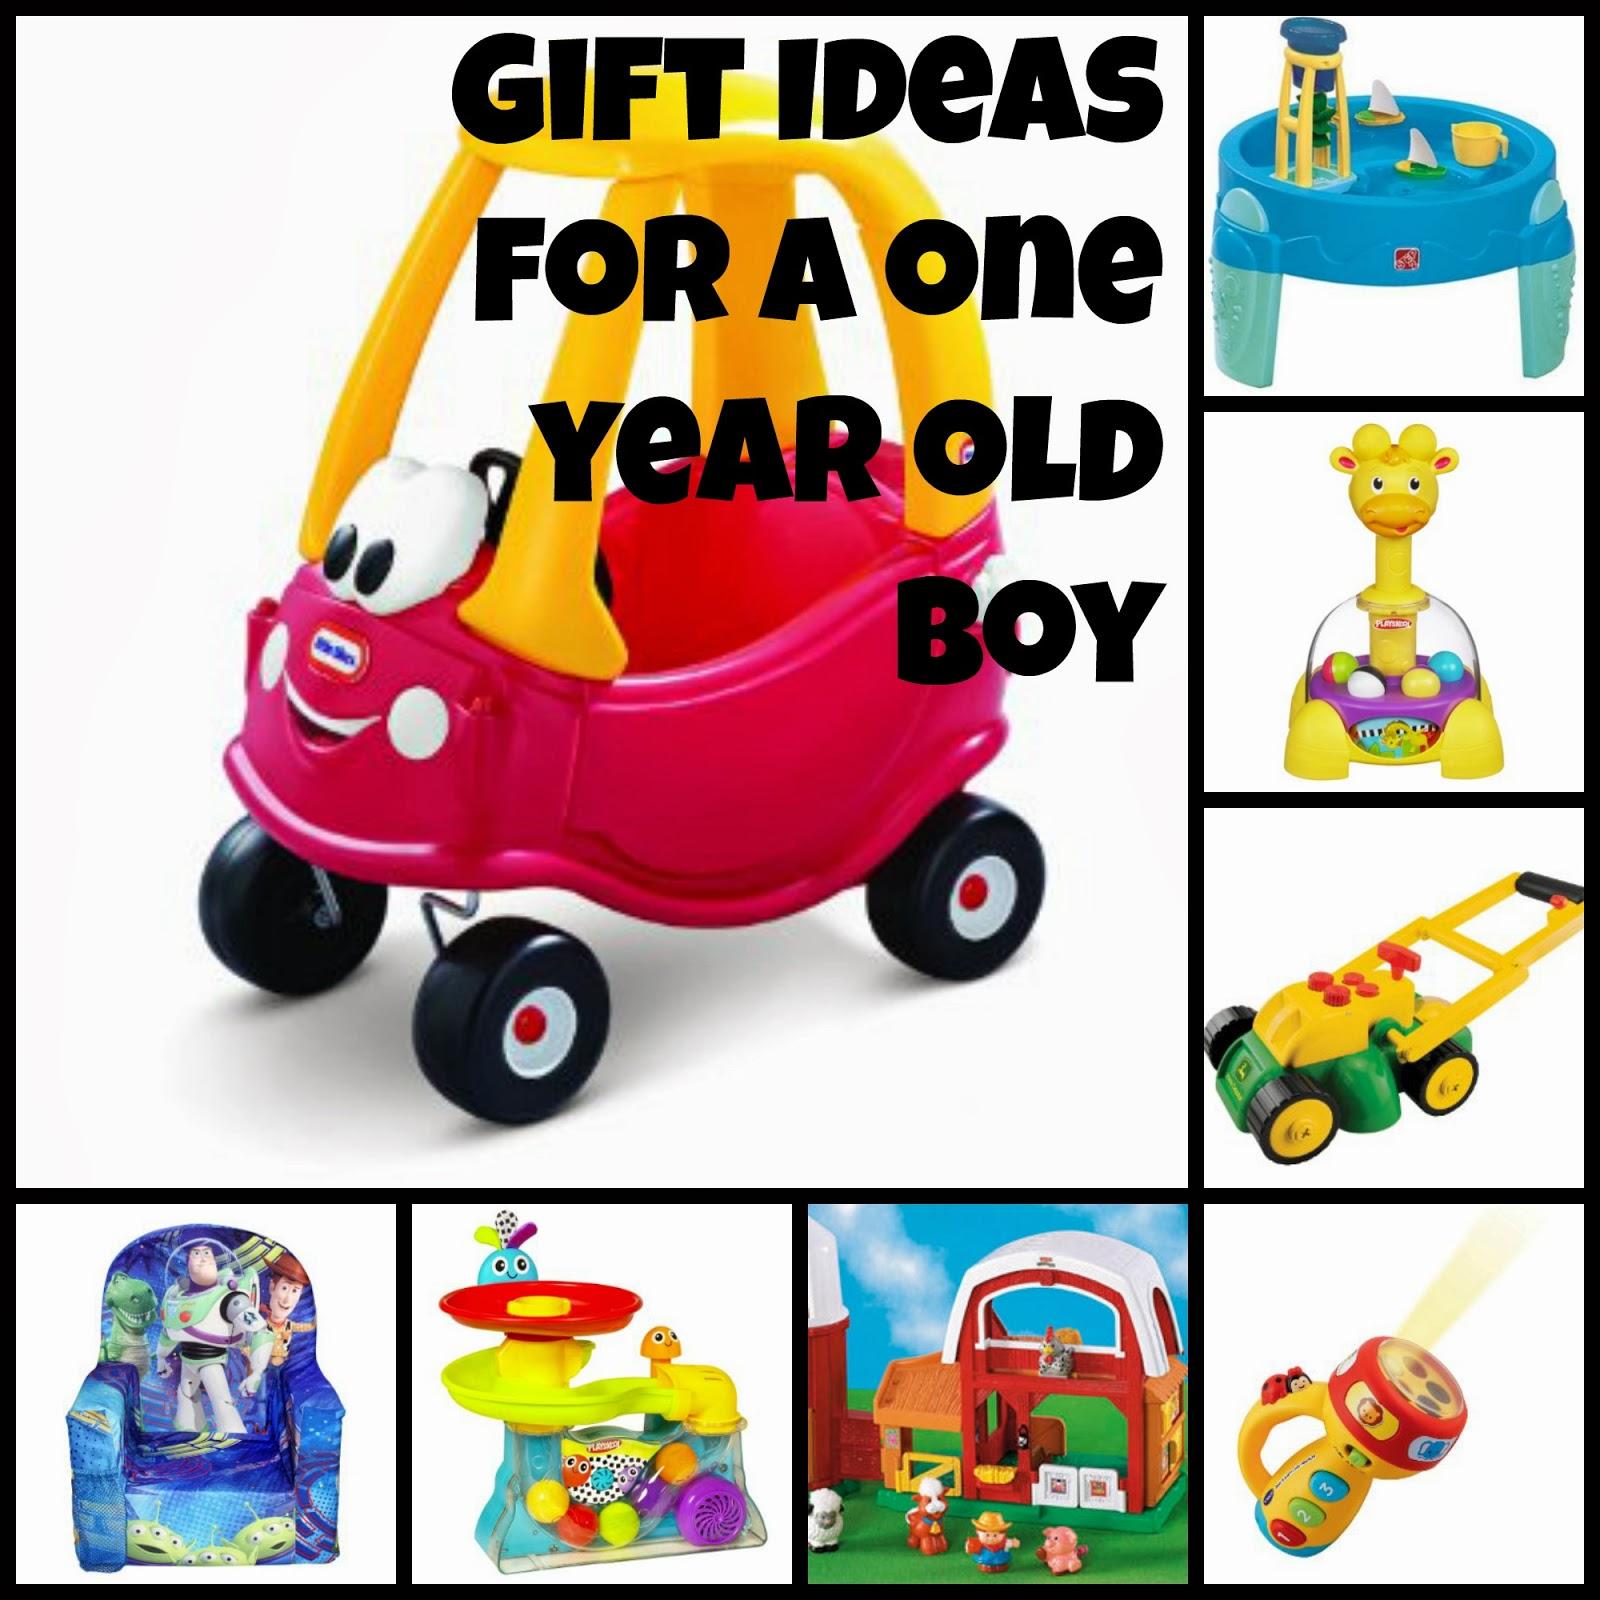 Gift Ideas For 1 Year Old Boy Birthday - Eskayalitim